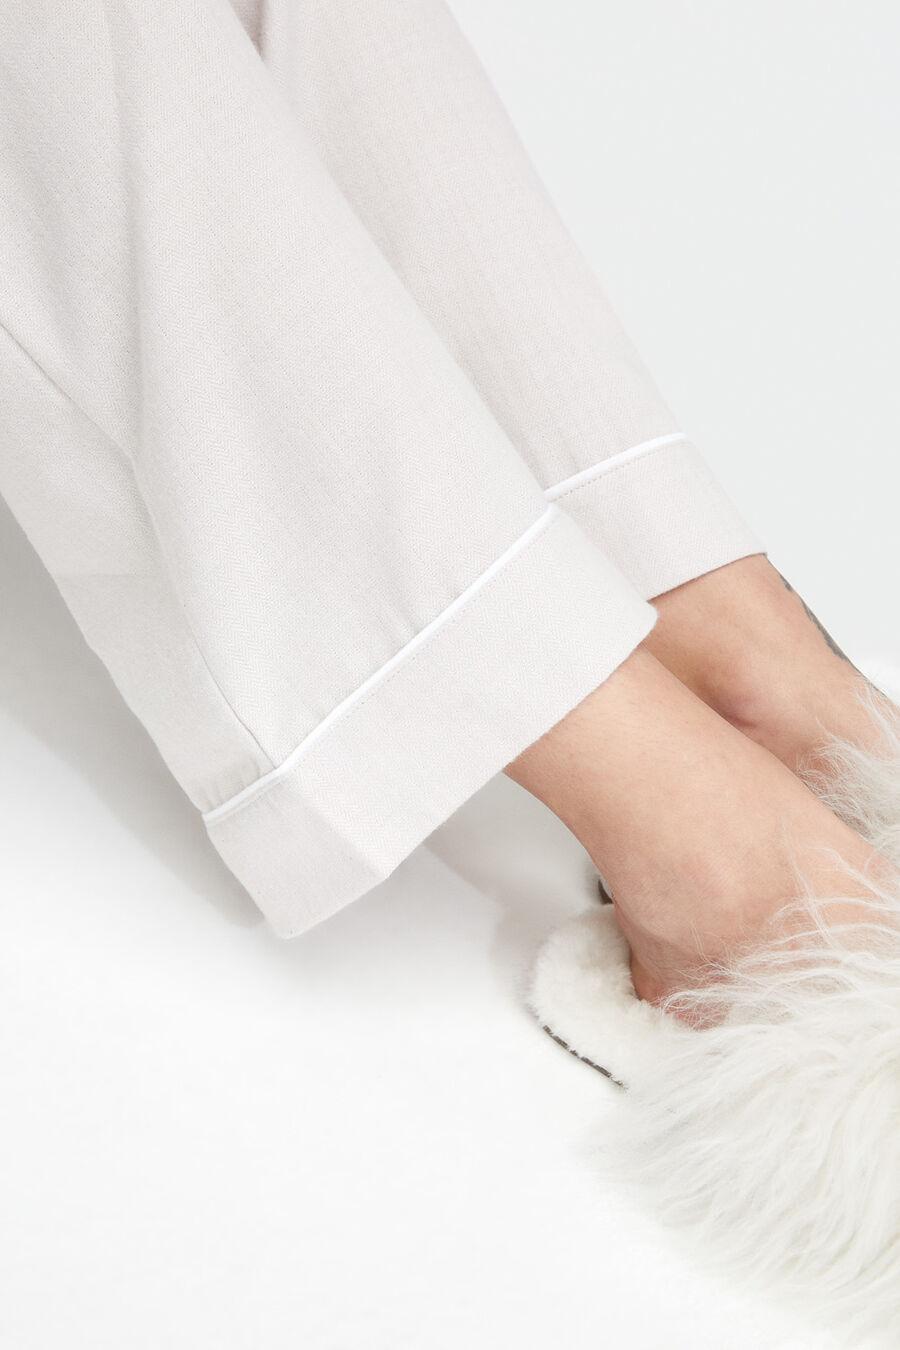 Rosalin Herringbone Pant - Image 3 of 3